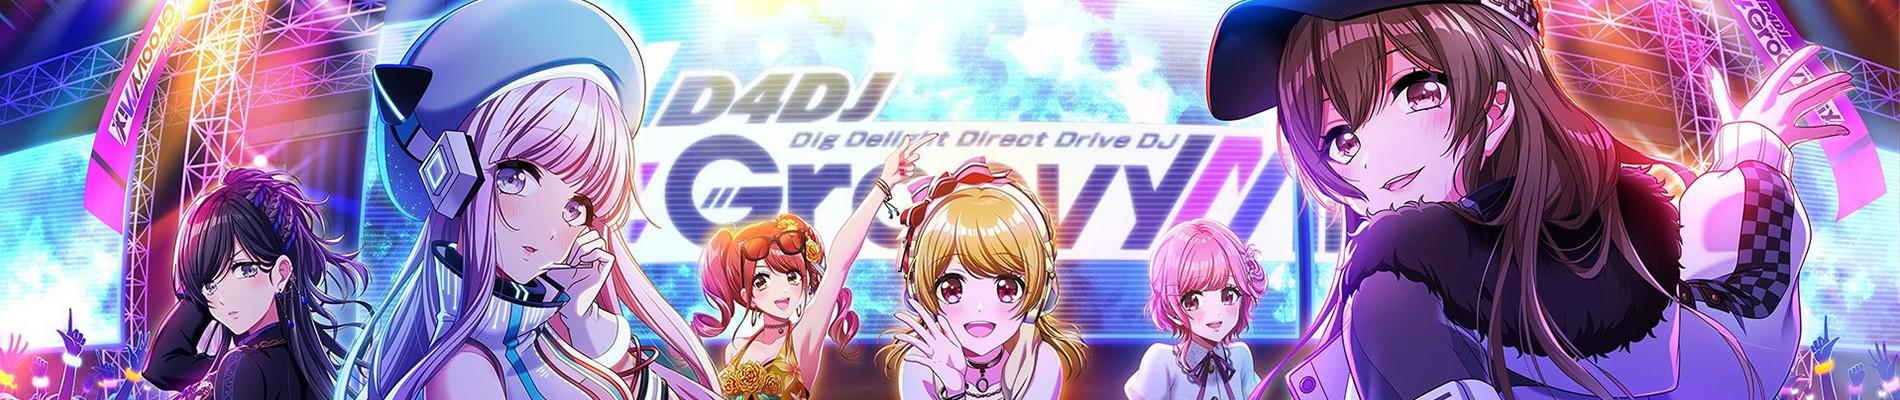 D4DJ: First Mix